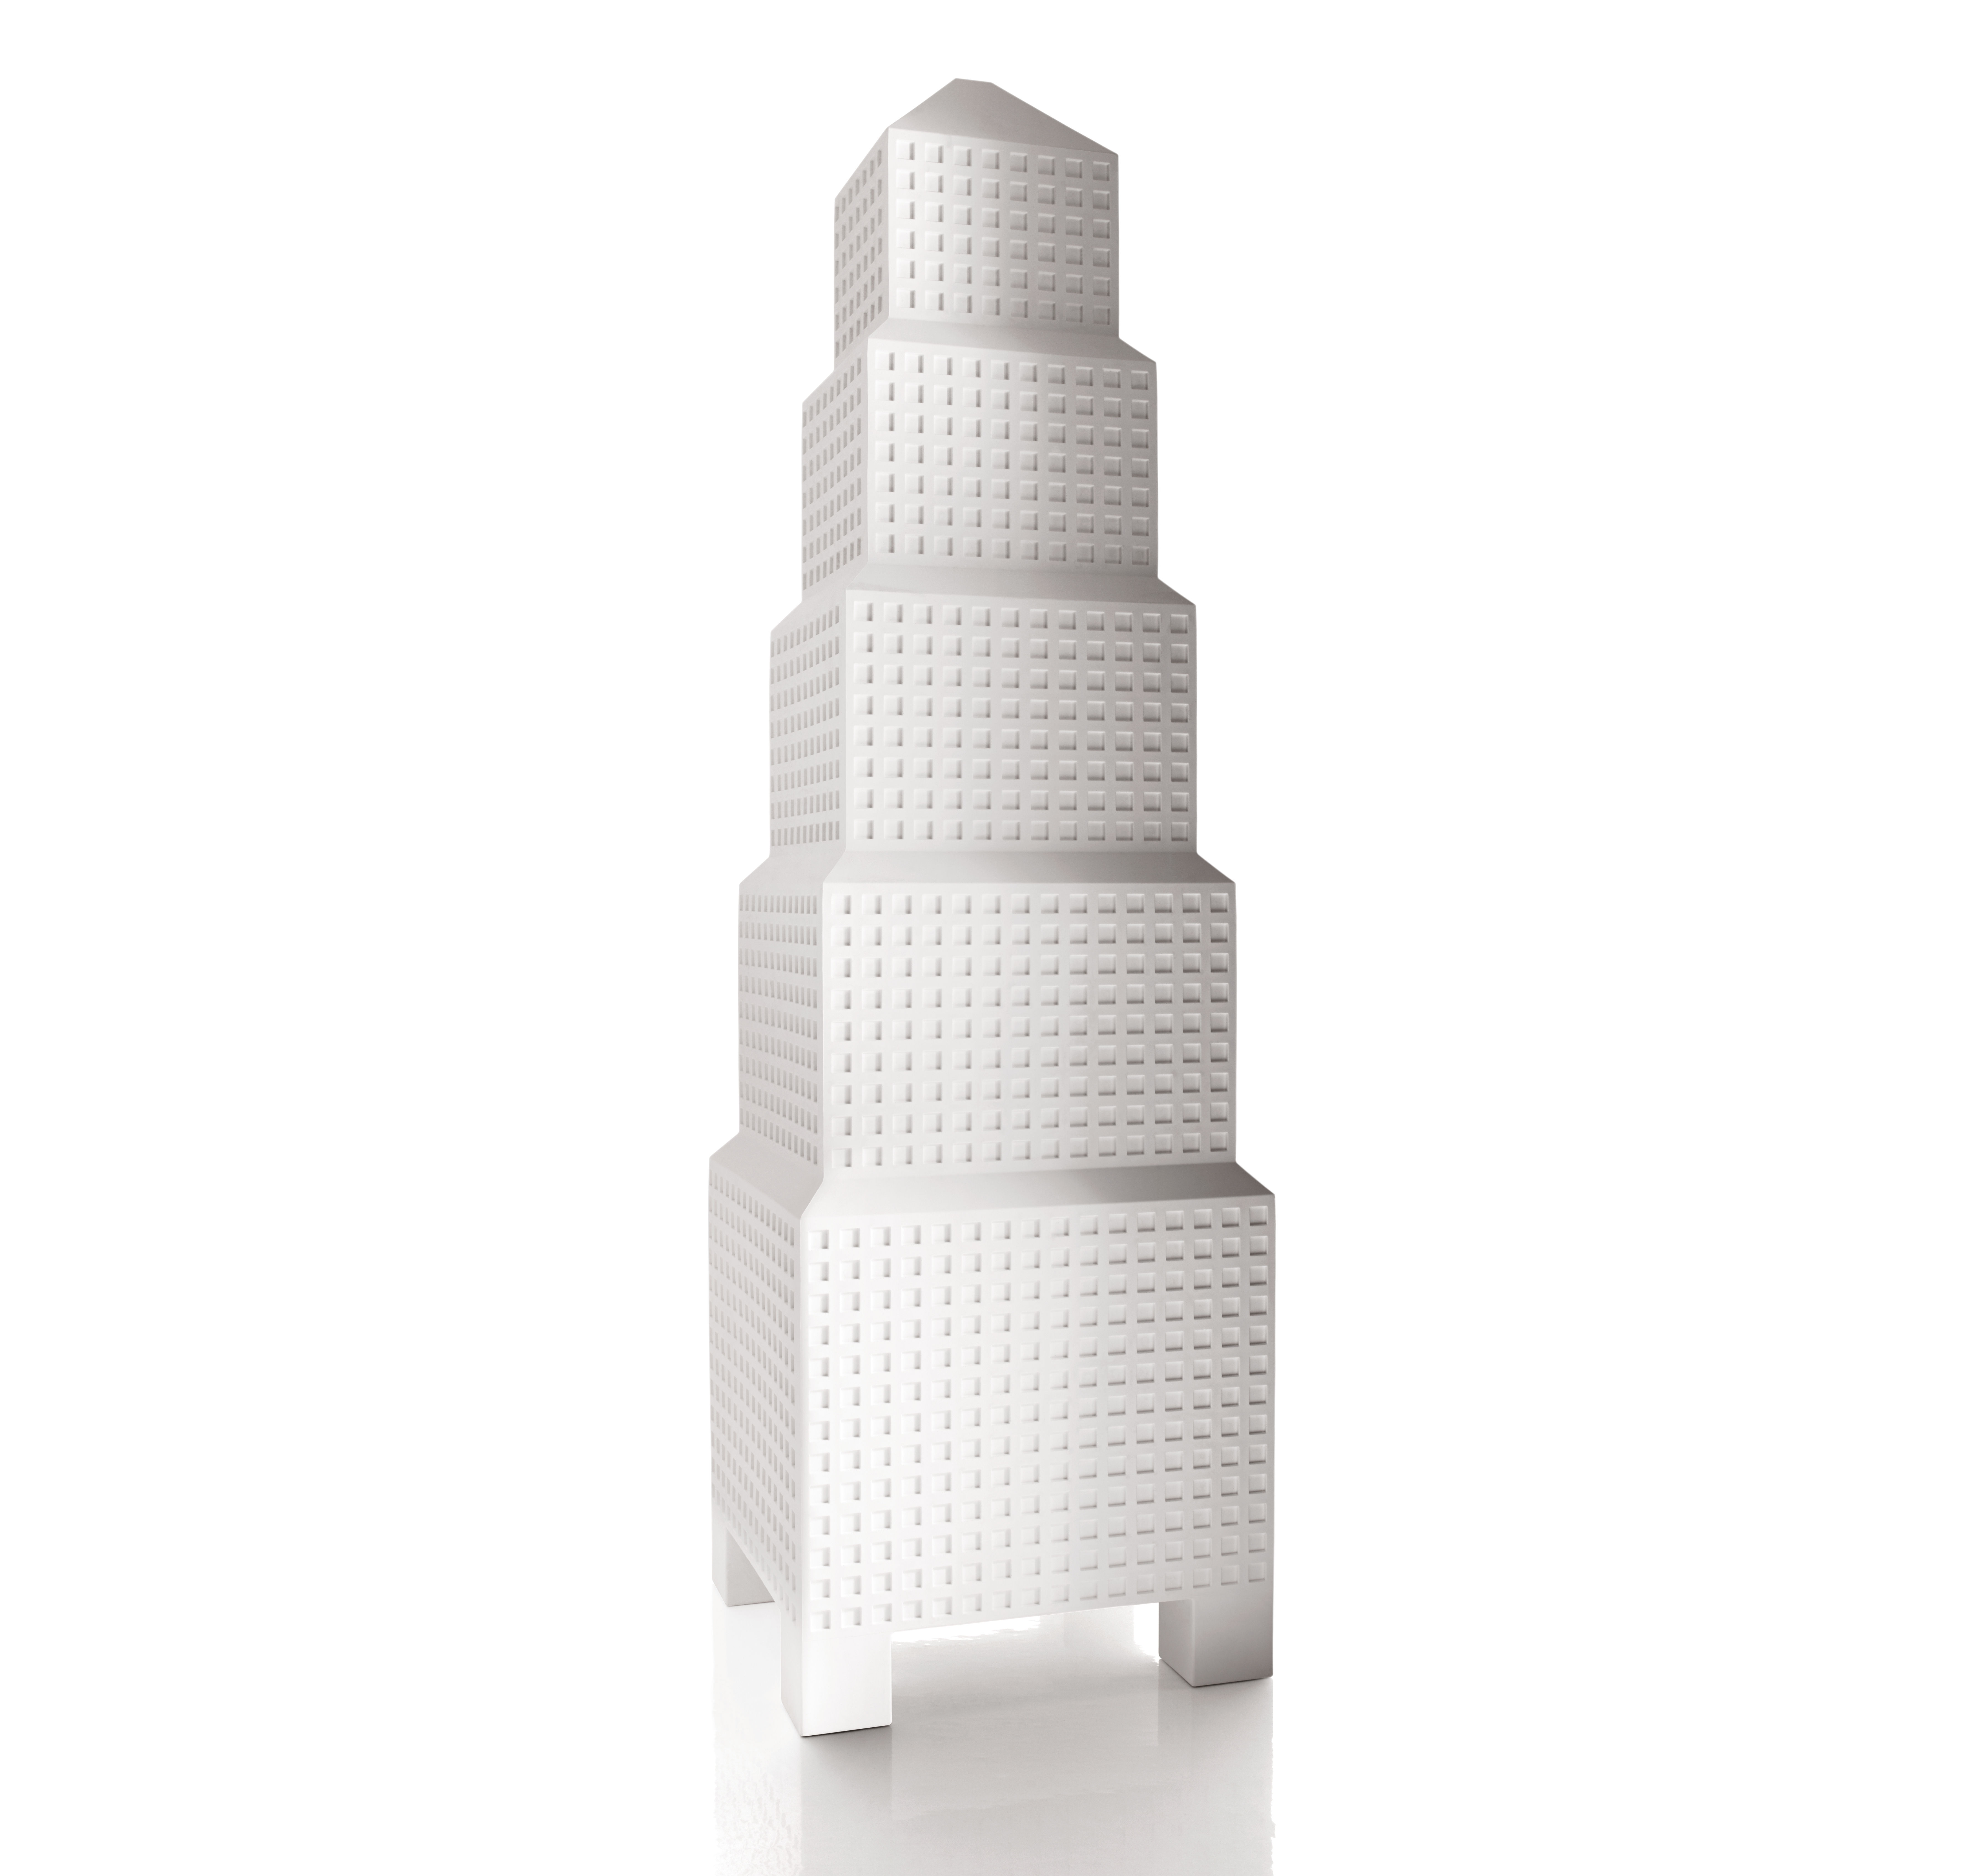 Mobilier - Etagères & bibliothèques - Etagère Downtown H 183 cm - Magis Collection Me Too - Blanc - Polyéthylène